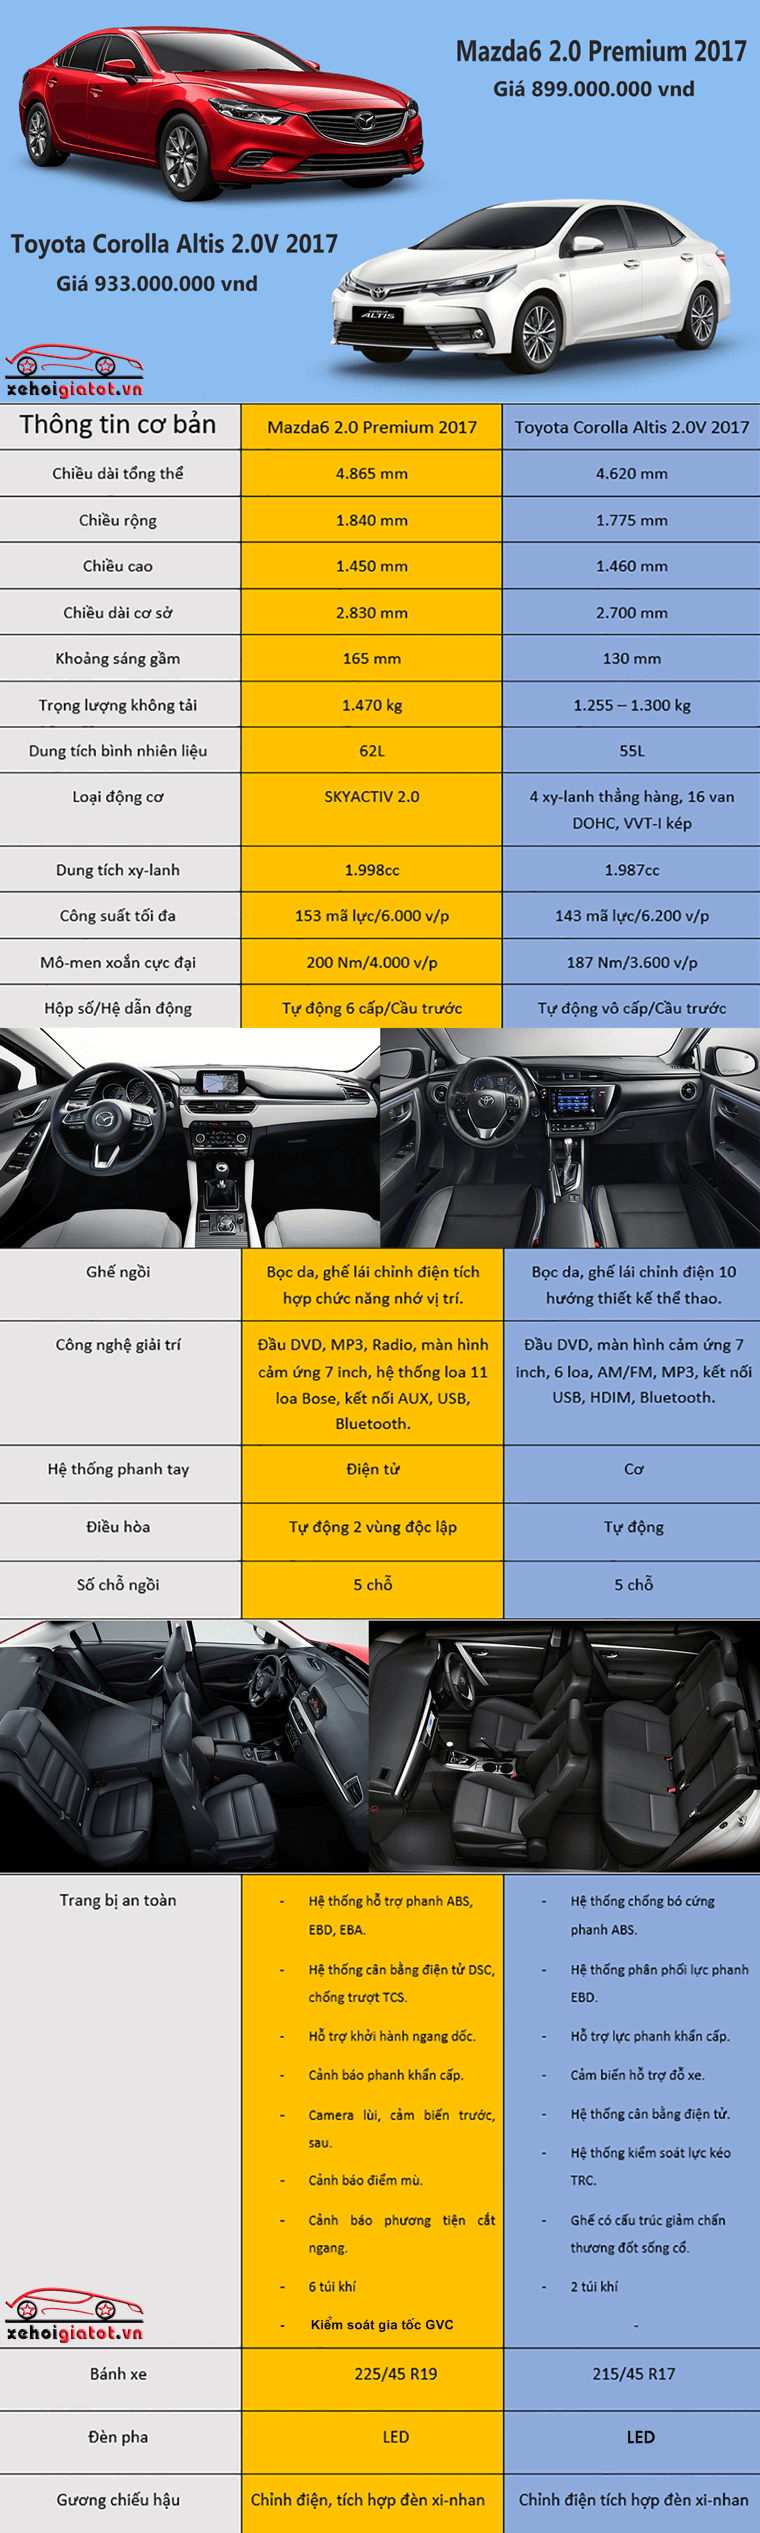 So sánh xe Toyota Altis và Mazda6